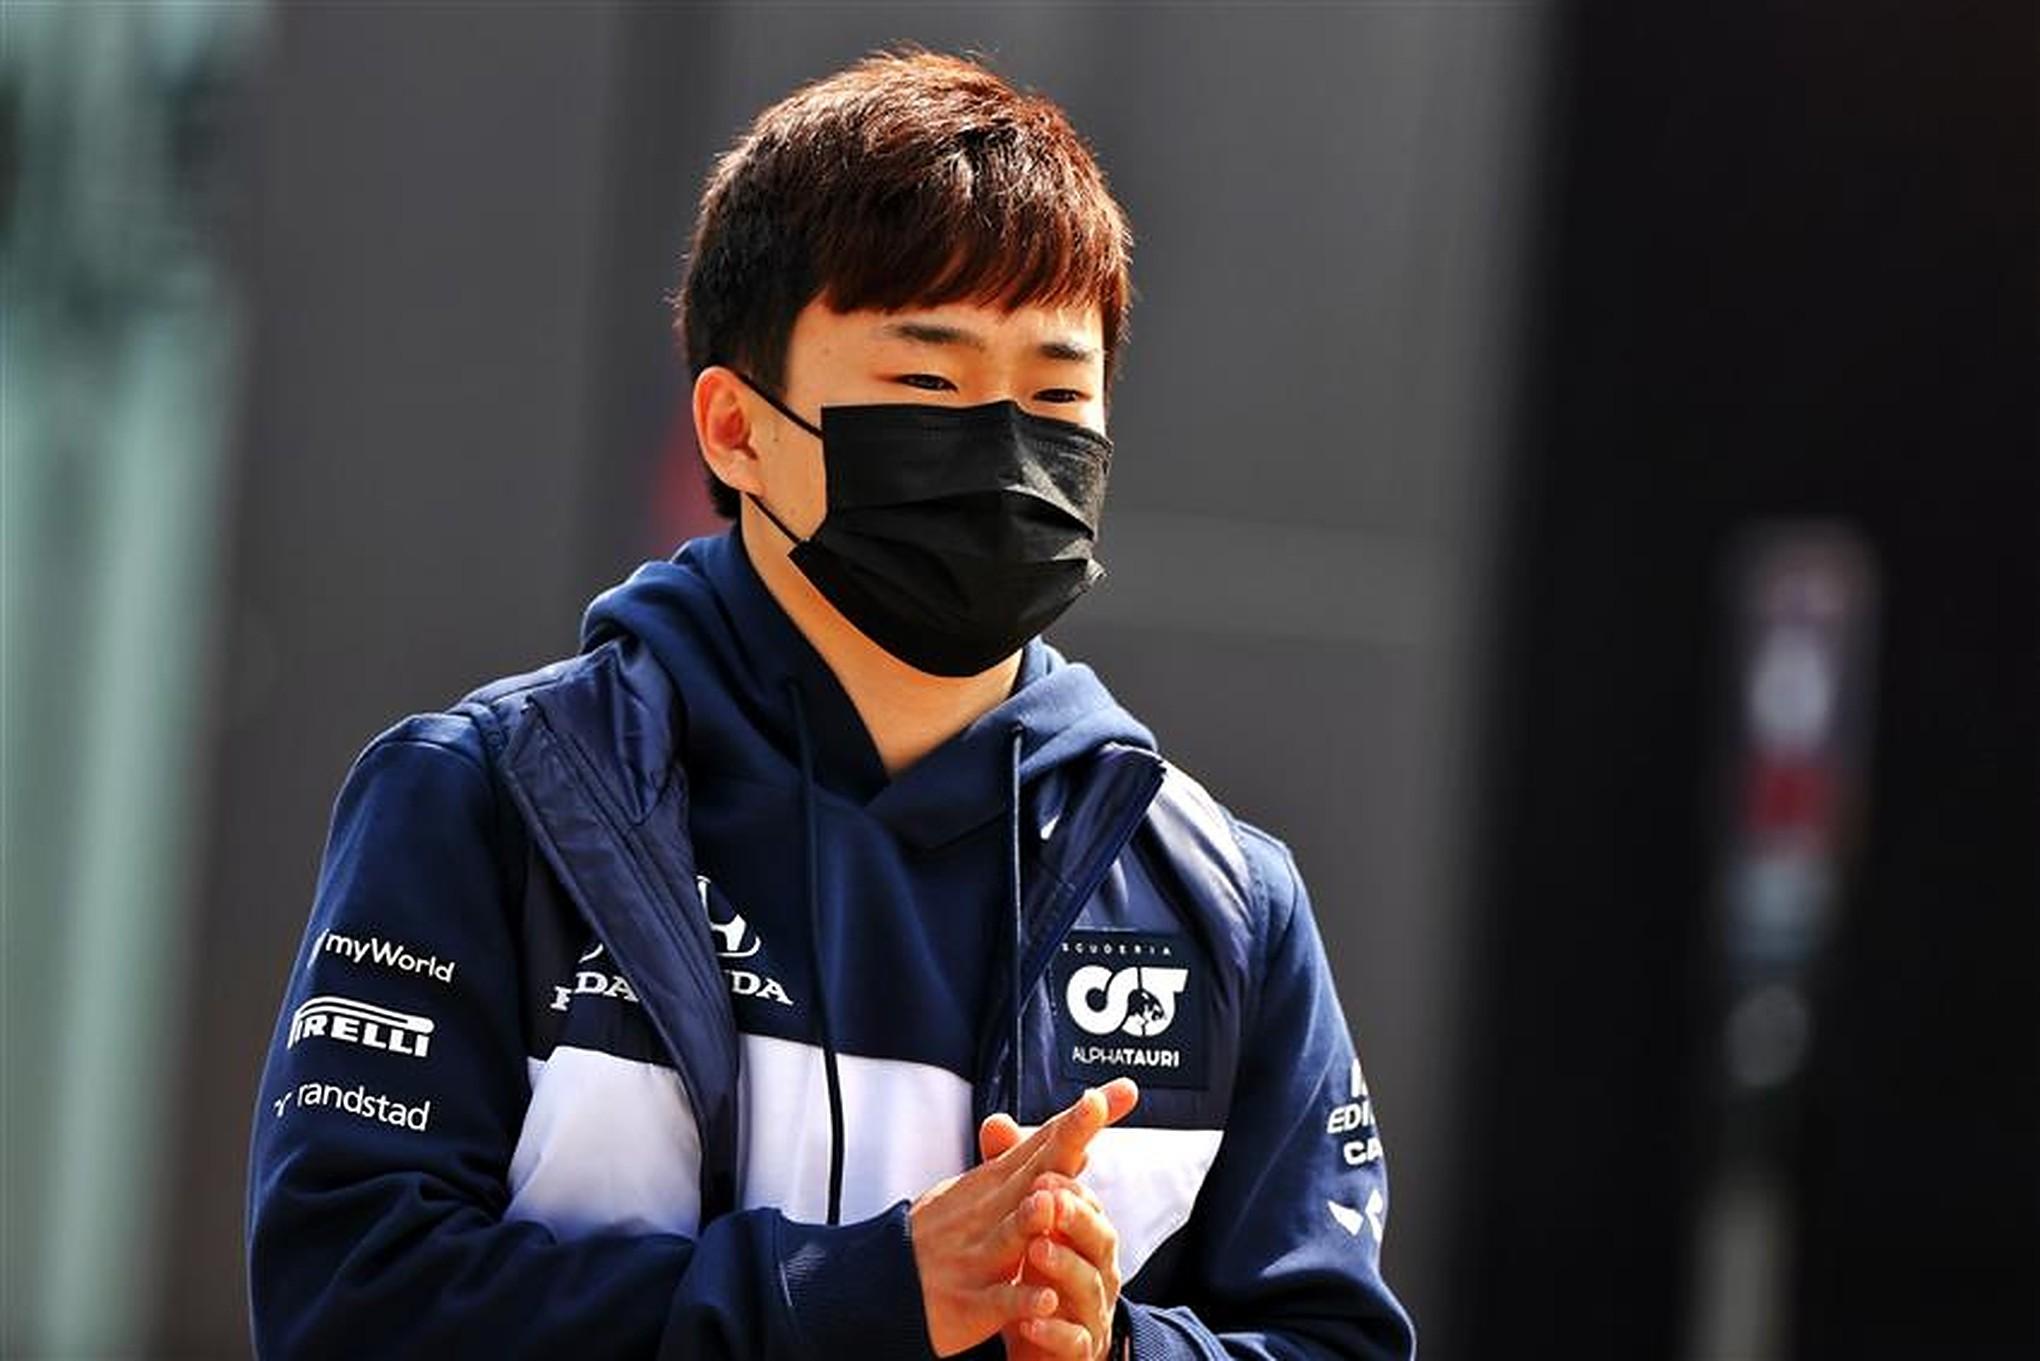 Japanese F1 rookie Yuki Tsunoda at Imola - Formula1news.co.uk